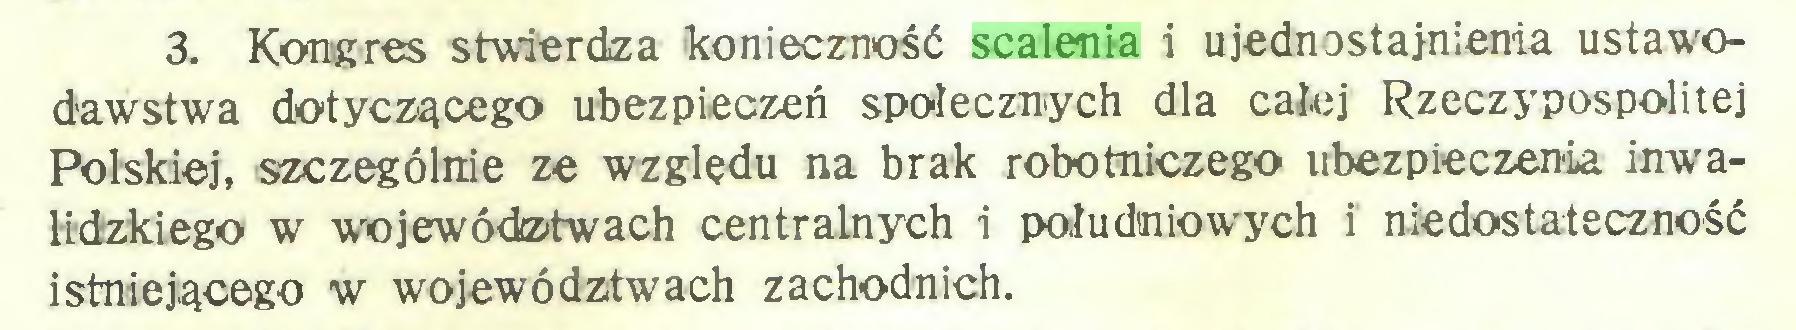 (...) 3. Kongres stwierdza konieczność scalenia i ujednostajnienia ustawodawstwa dotyczącego ubezpieczeń społecznych dla całej Rzeczypospolitej Polskiej, szczególnie ze względu na brak robotniczego ubezpieczenia inwalidzkiego w województwach centralnych i południowych i niedostateczność istniejącego w województwach zachodnich...